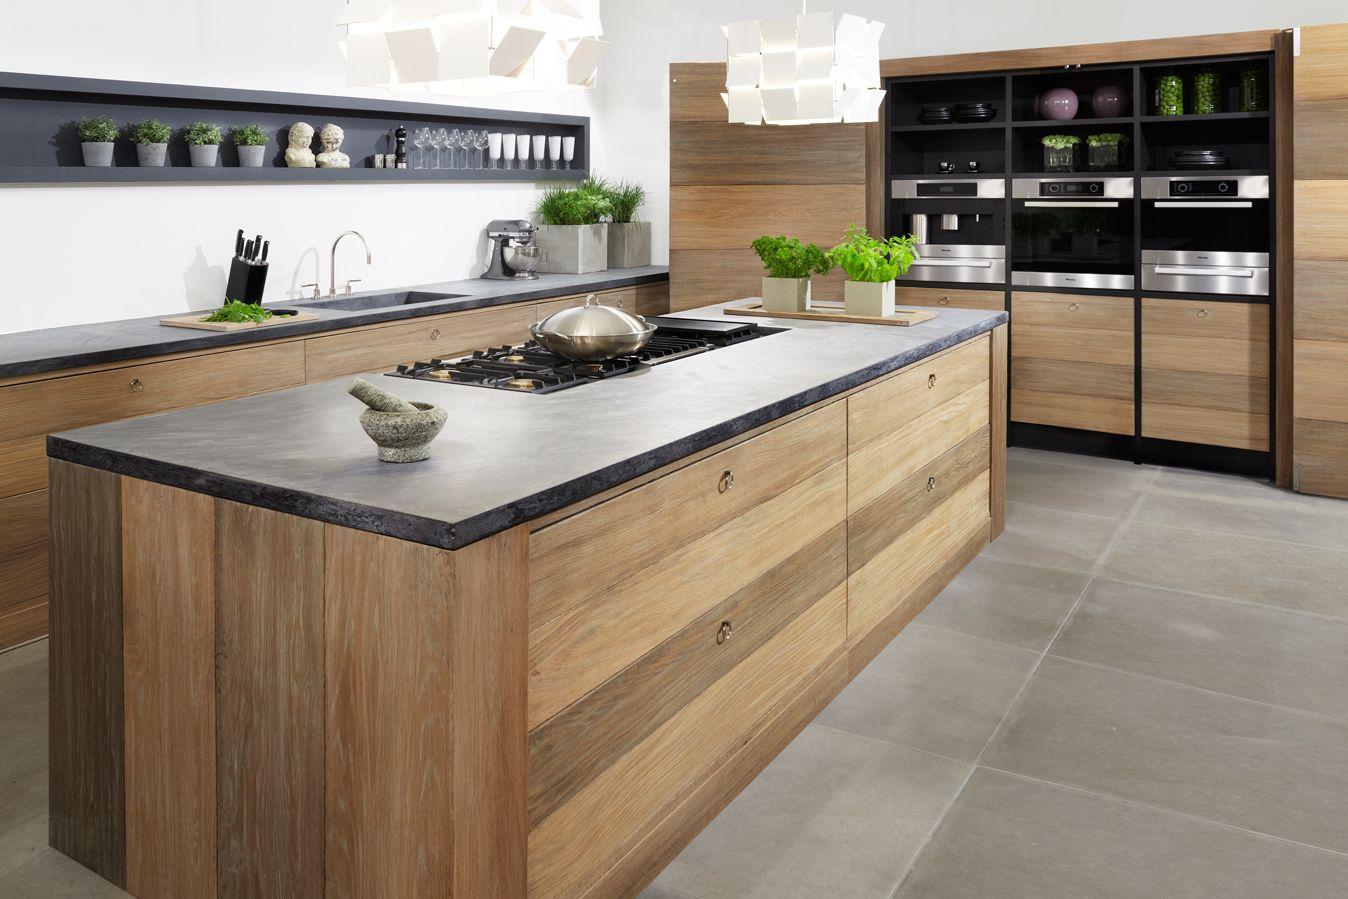 Afbeeldingsresultaat voor keuken modern kookeiland hout huis